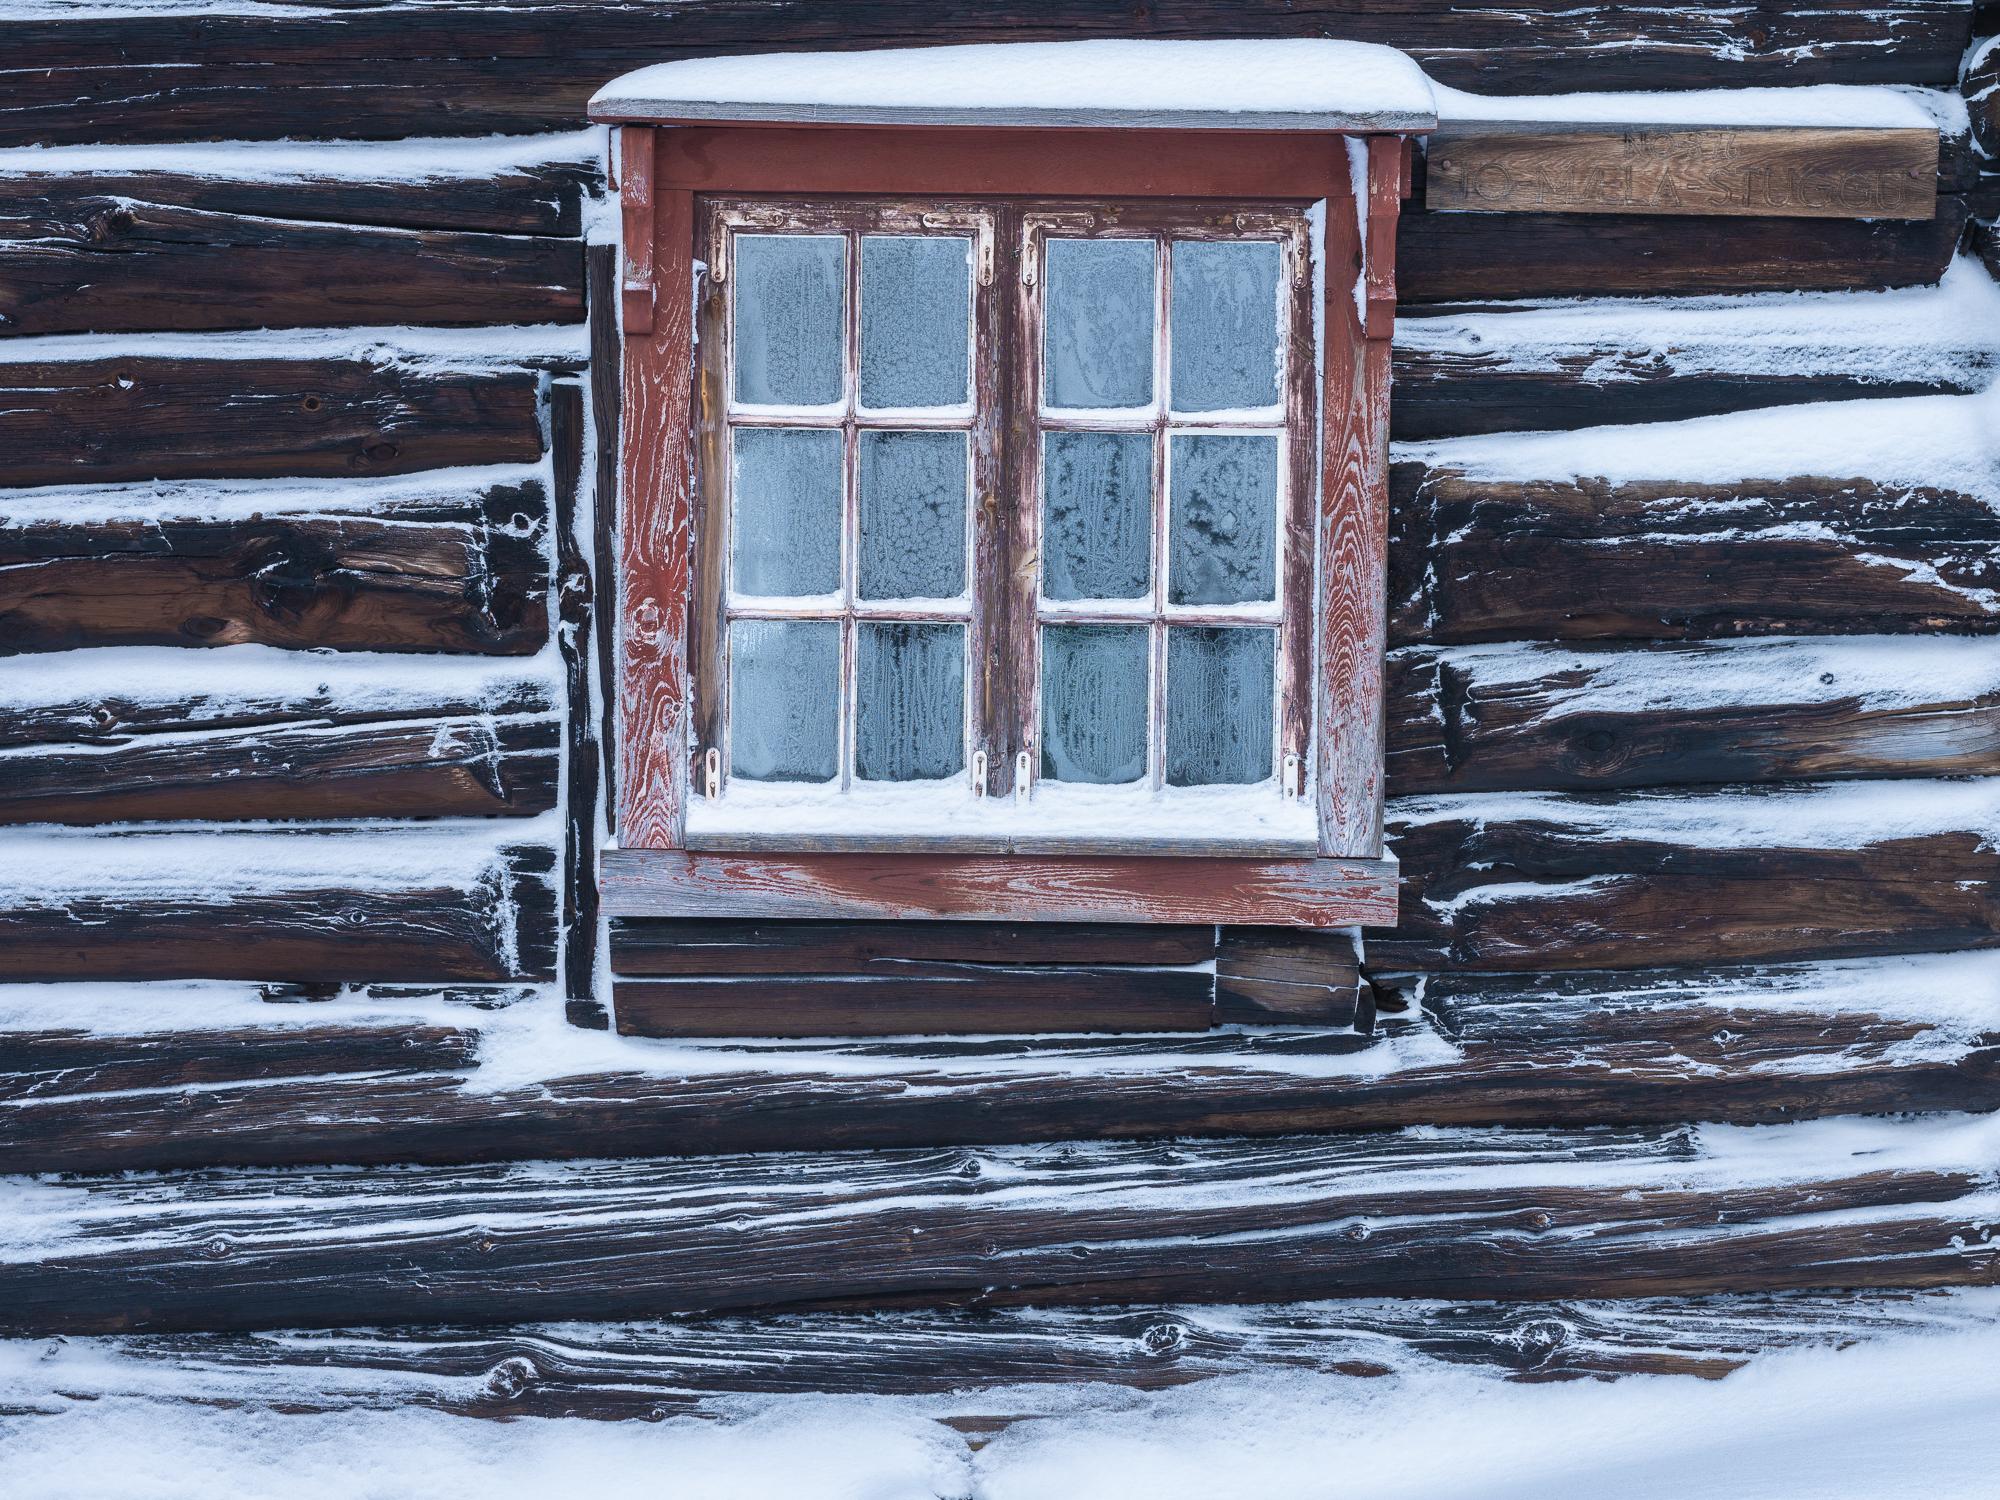 Røros-_DSC6987-©Bjørn Joachimsen.jpg